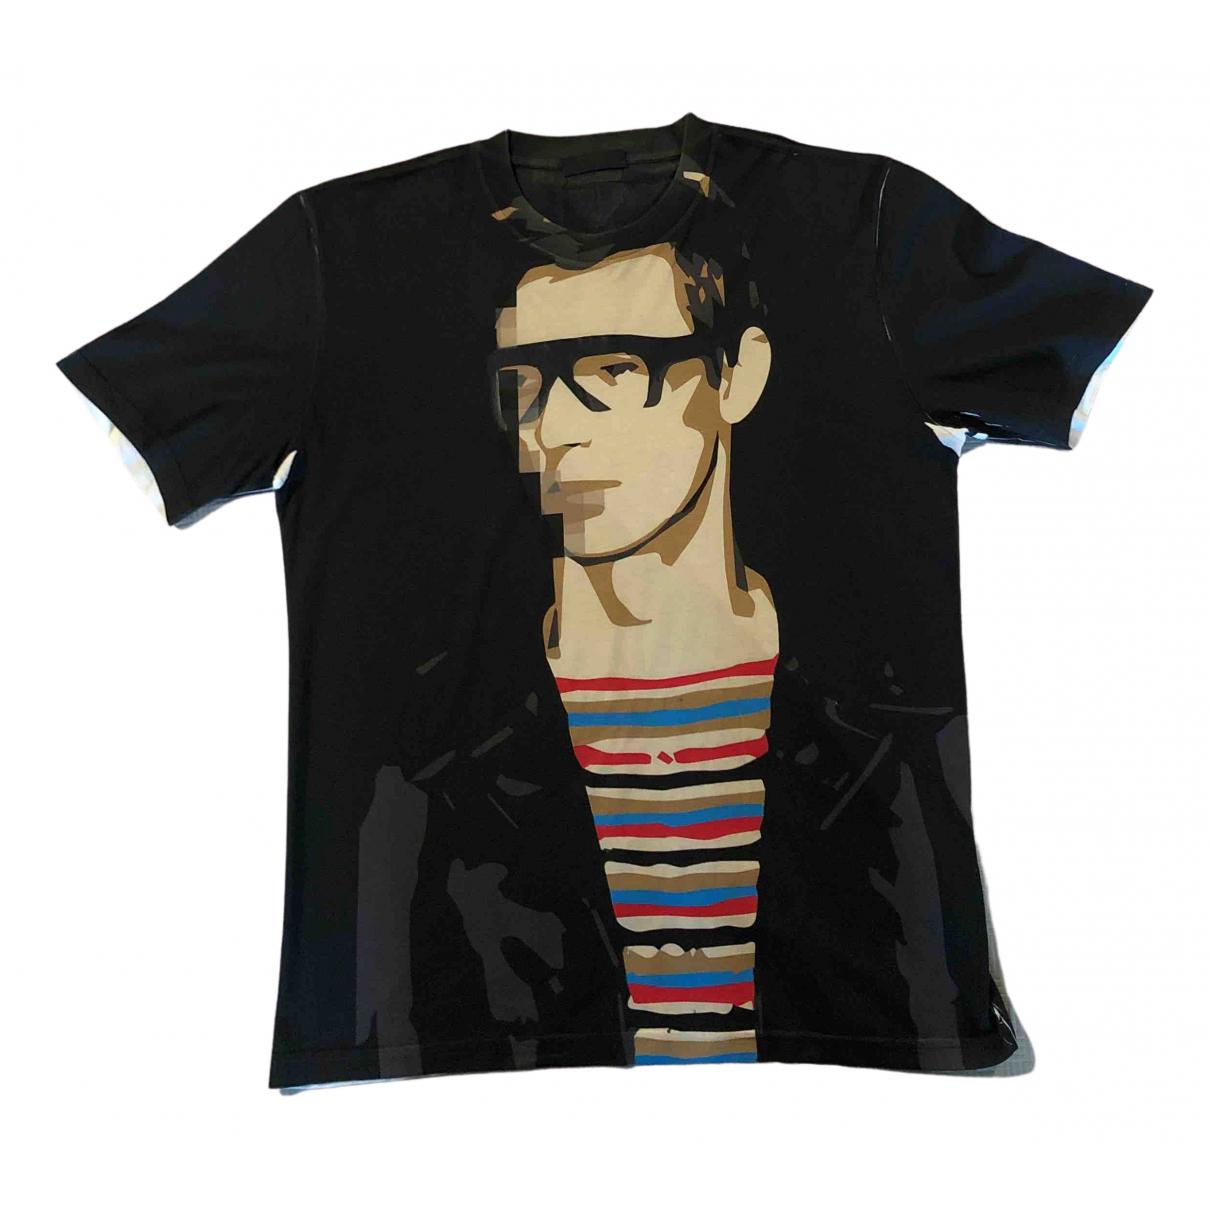 Prada - Tee shirts   pour homme en coton - noir